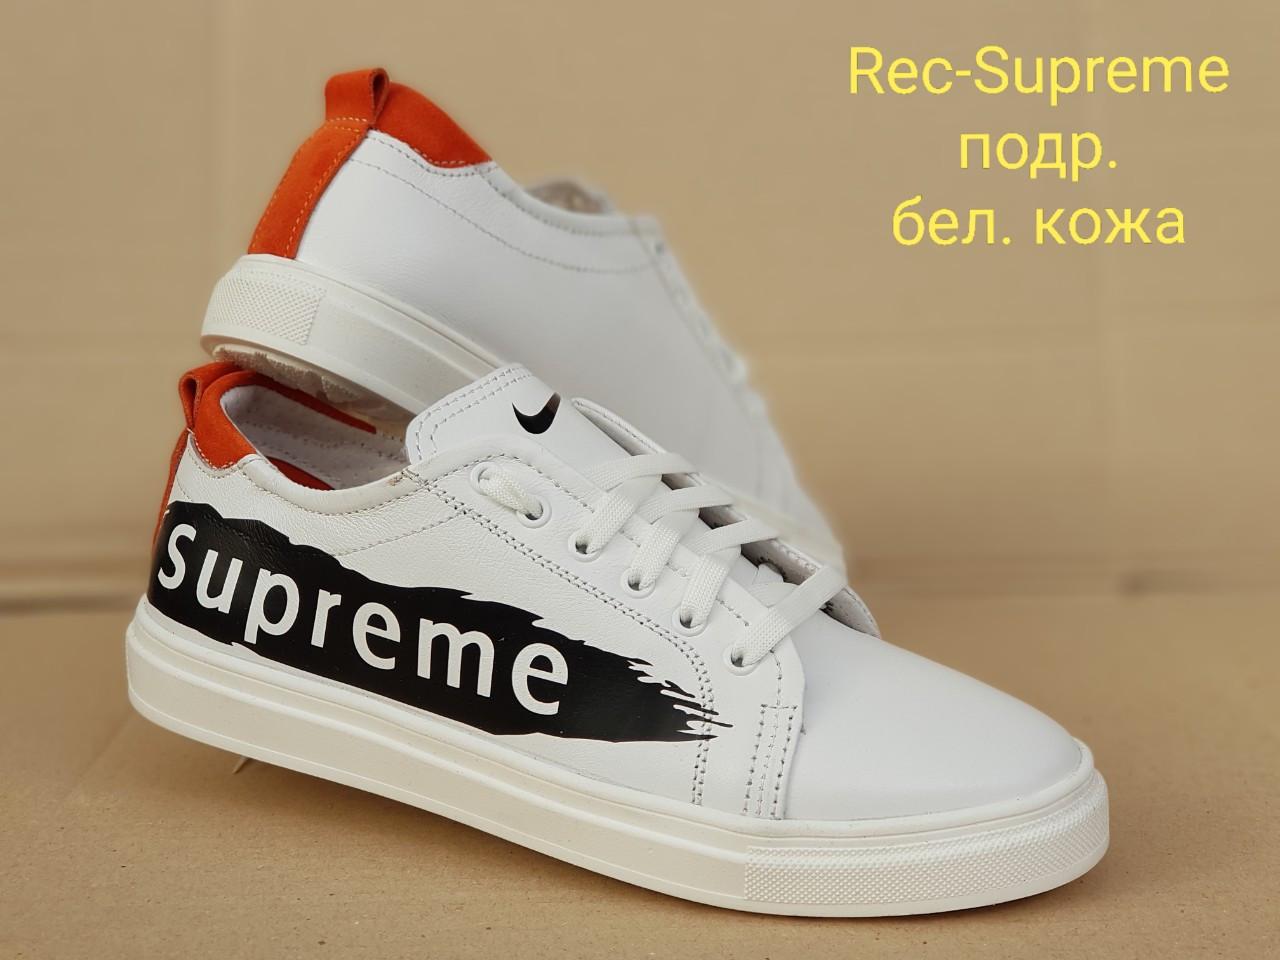 Кроссовки подростковые Rec- Supreme кожа белые